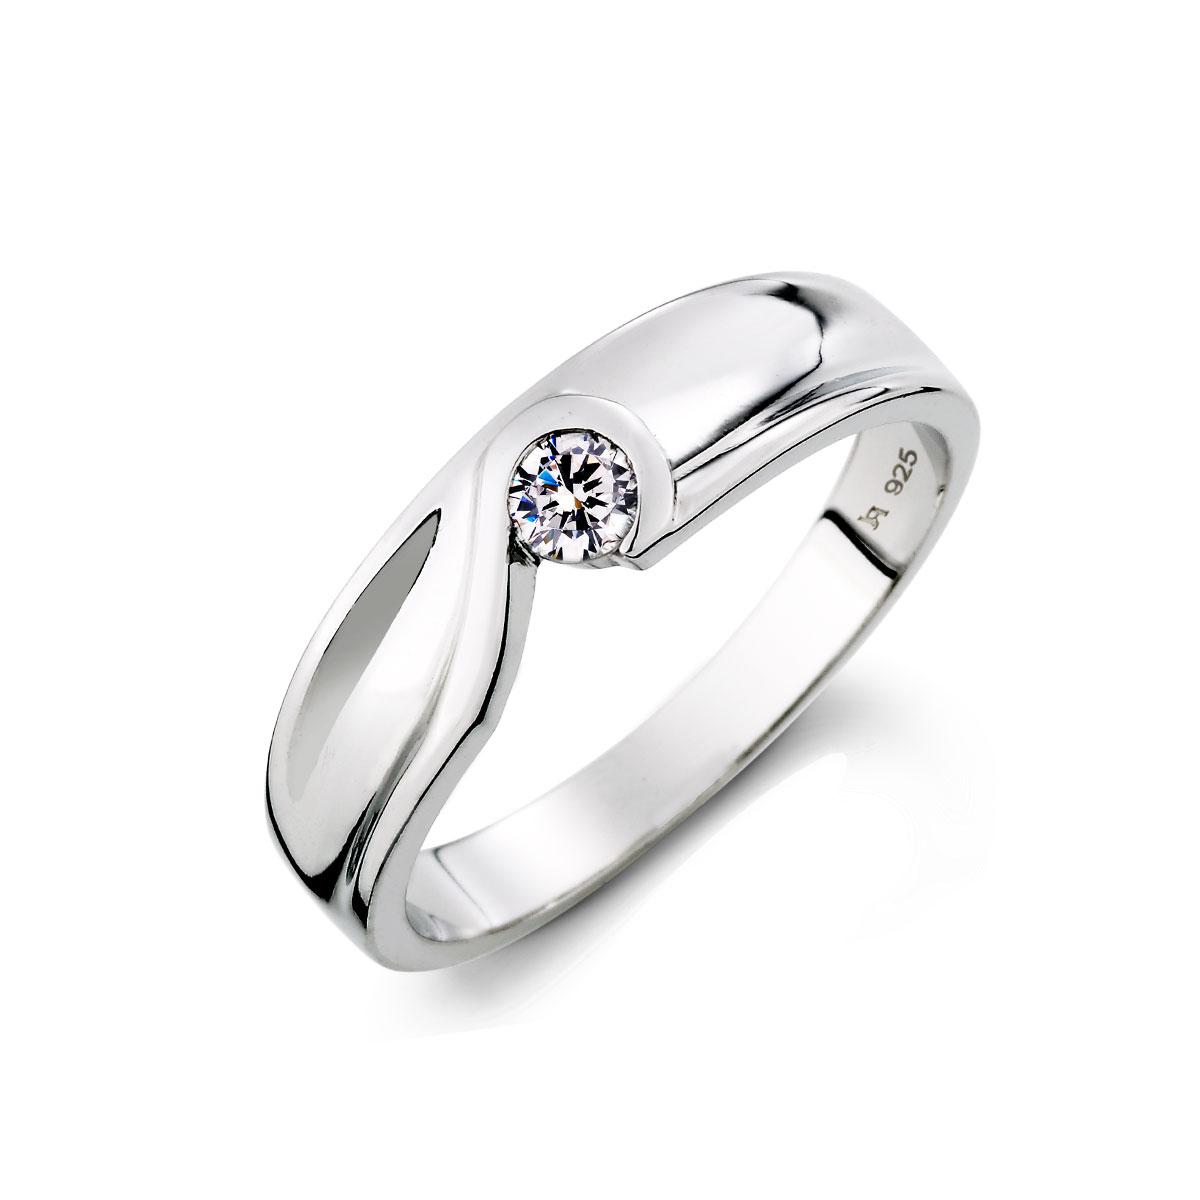 KSM40 我們的愛心型組合式戒指